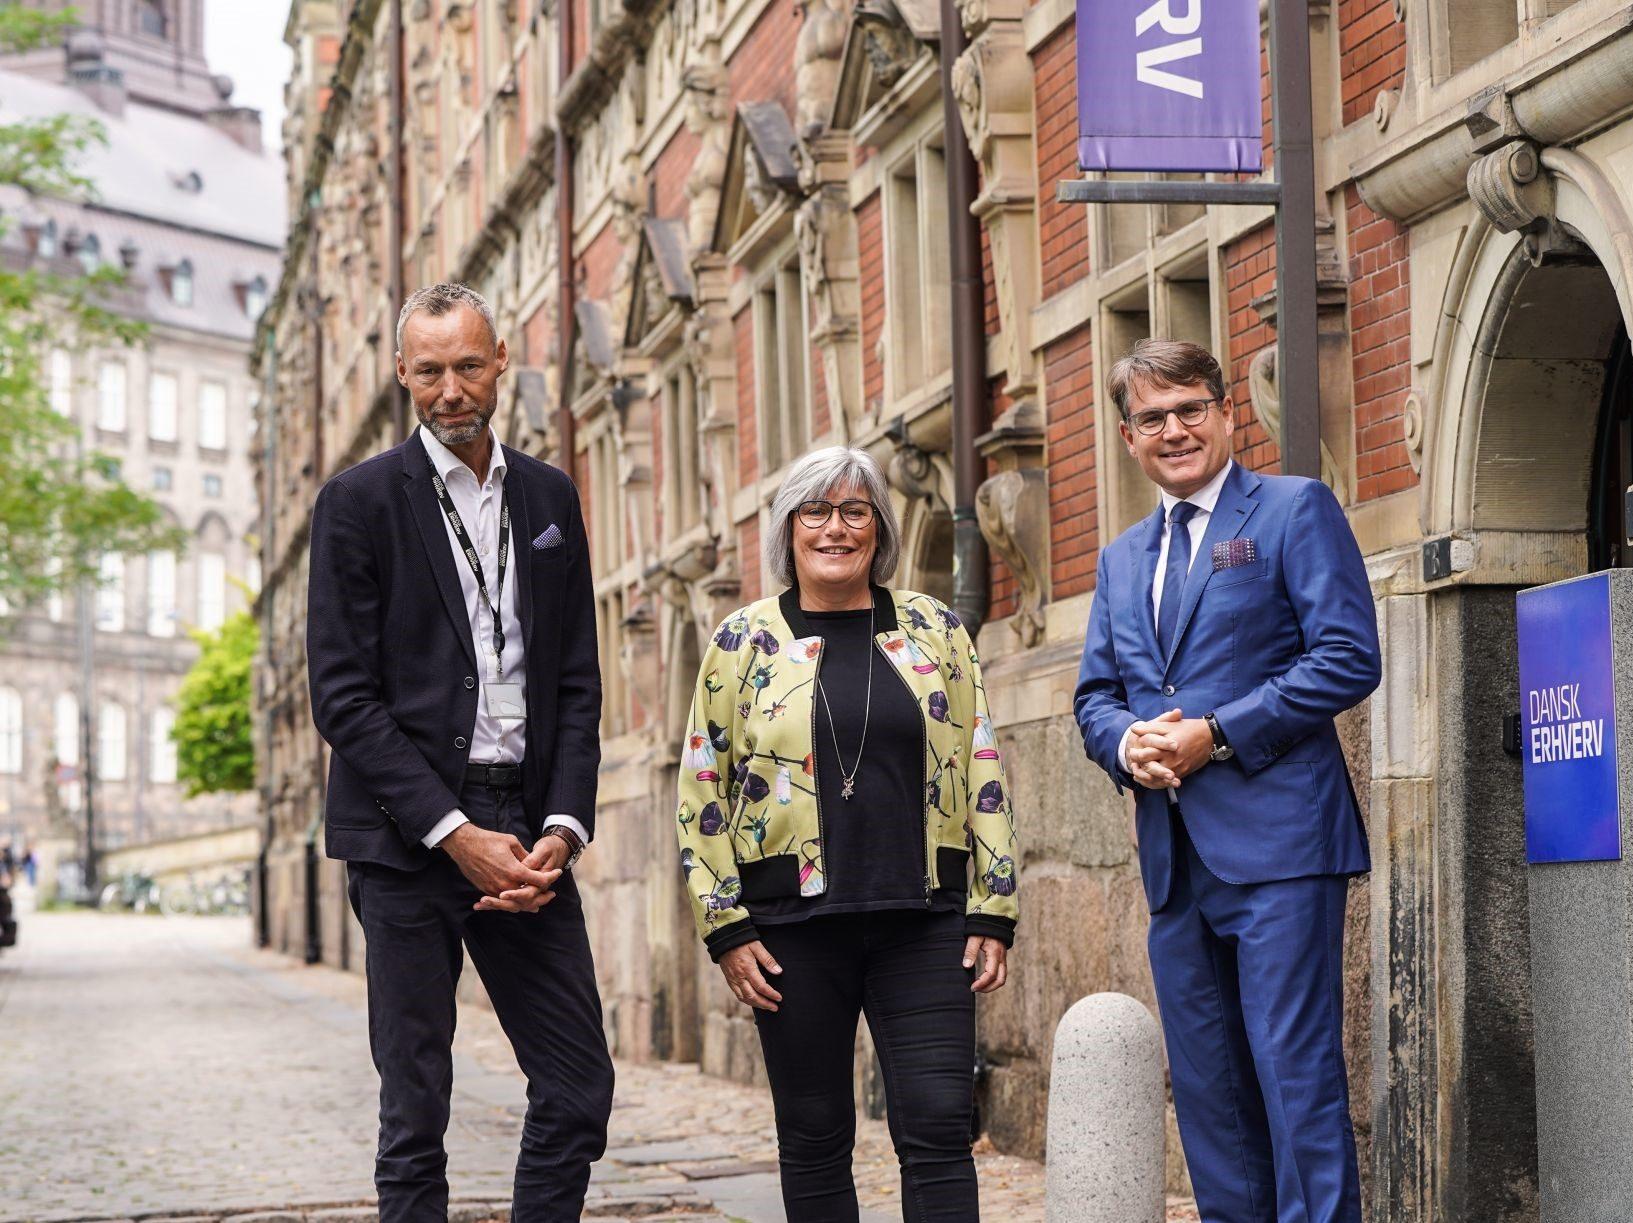 Lise Egenius bliver general manager for 25hours' første hotel i Skandinavien, der åbner til marts næste år i København. Her flankeres hun af Lars Ramme Nielsen, chef for turisme- og oplevelsesøkonomi hos Dansk Erhverv, til venstre, og brancheforeningens administrerende direktør, Brian Mikkelsen. Foto: Dansk Erhverv.